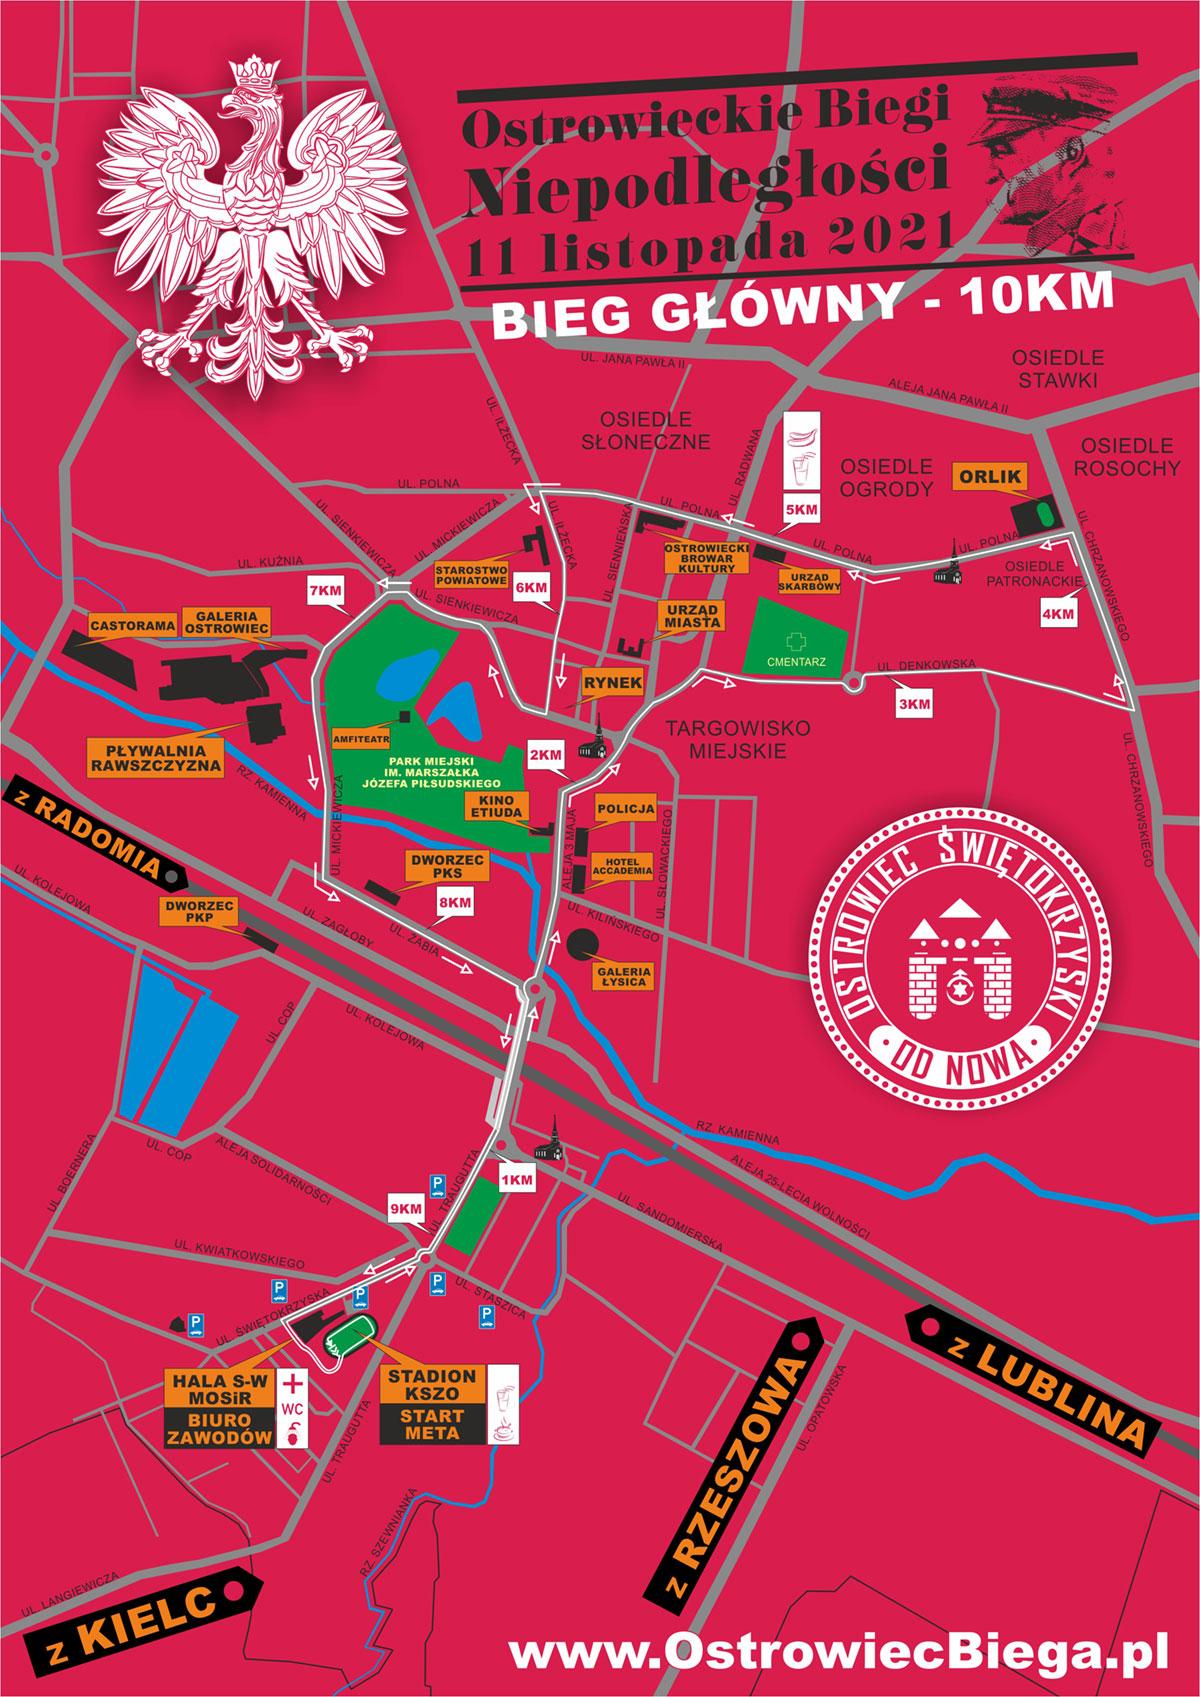 Ostrowieckie Biegi Niepodleglosci 2021 mapka 10km